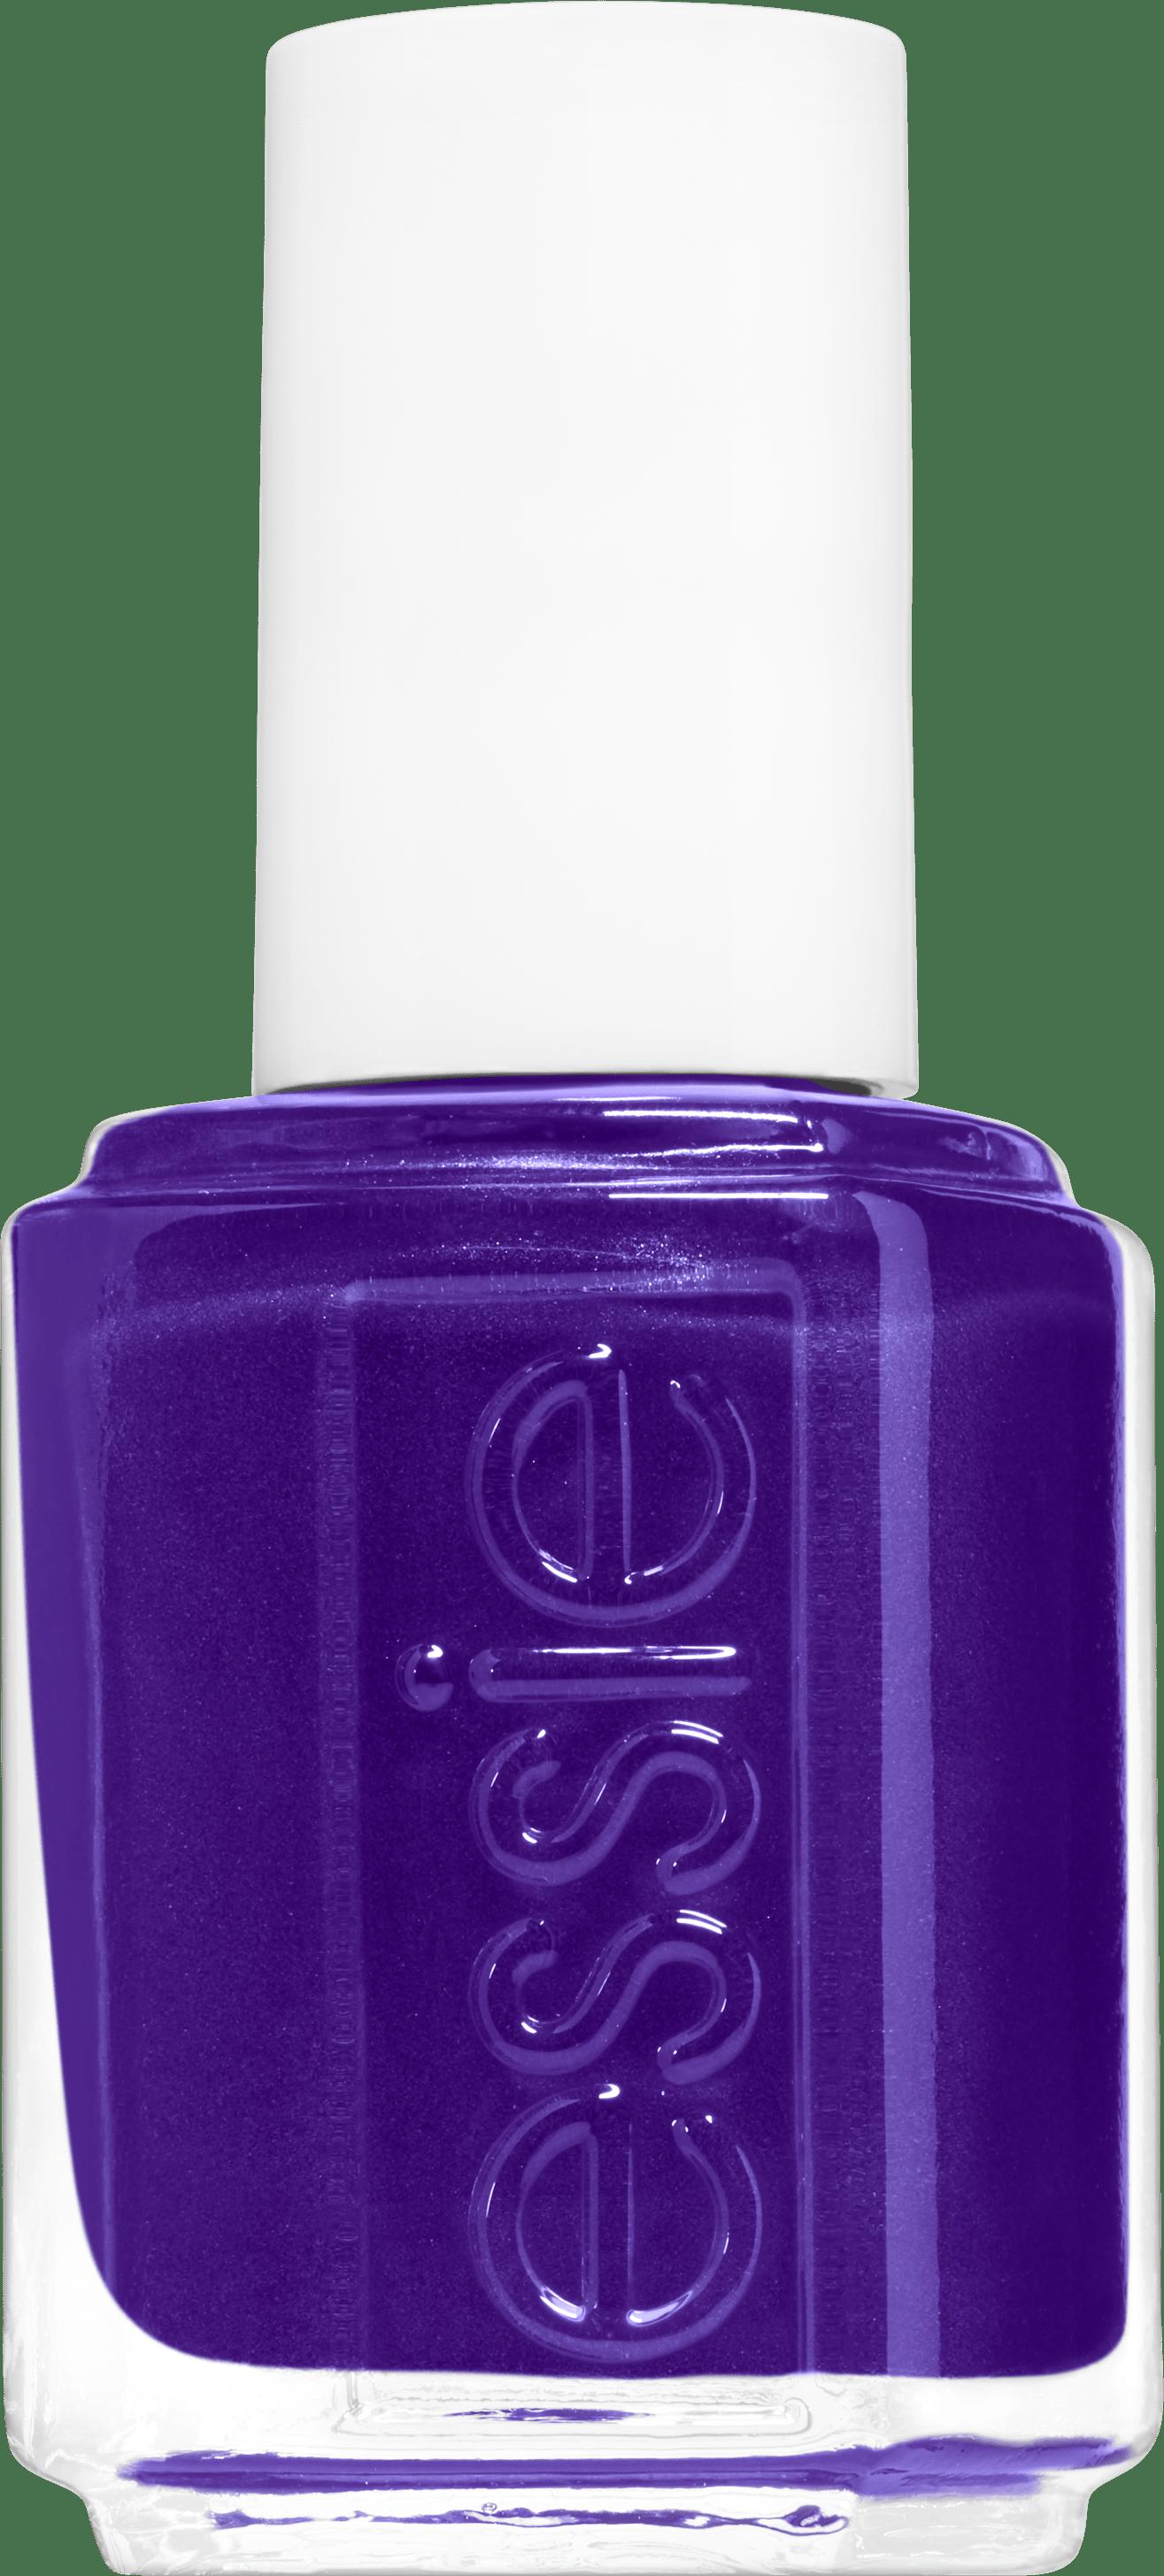 Купить Лак для ногтей Essie тон 47 сексуальная грань, лак для ногтей B1867100